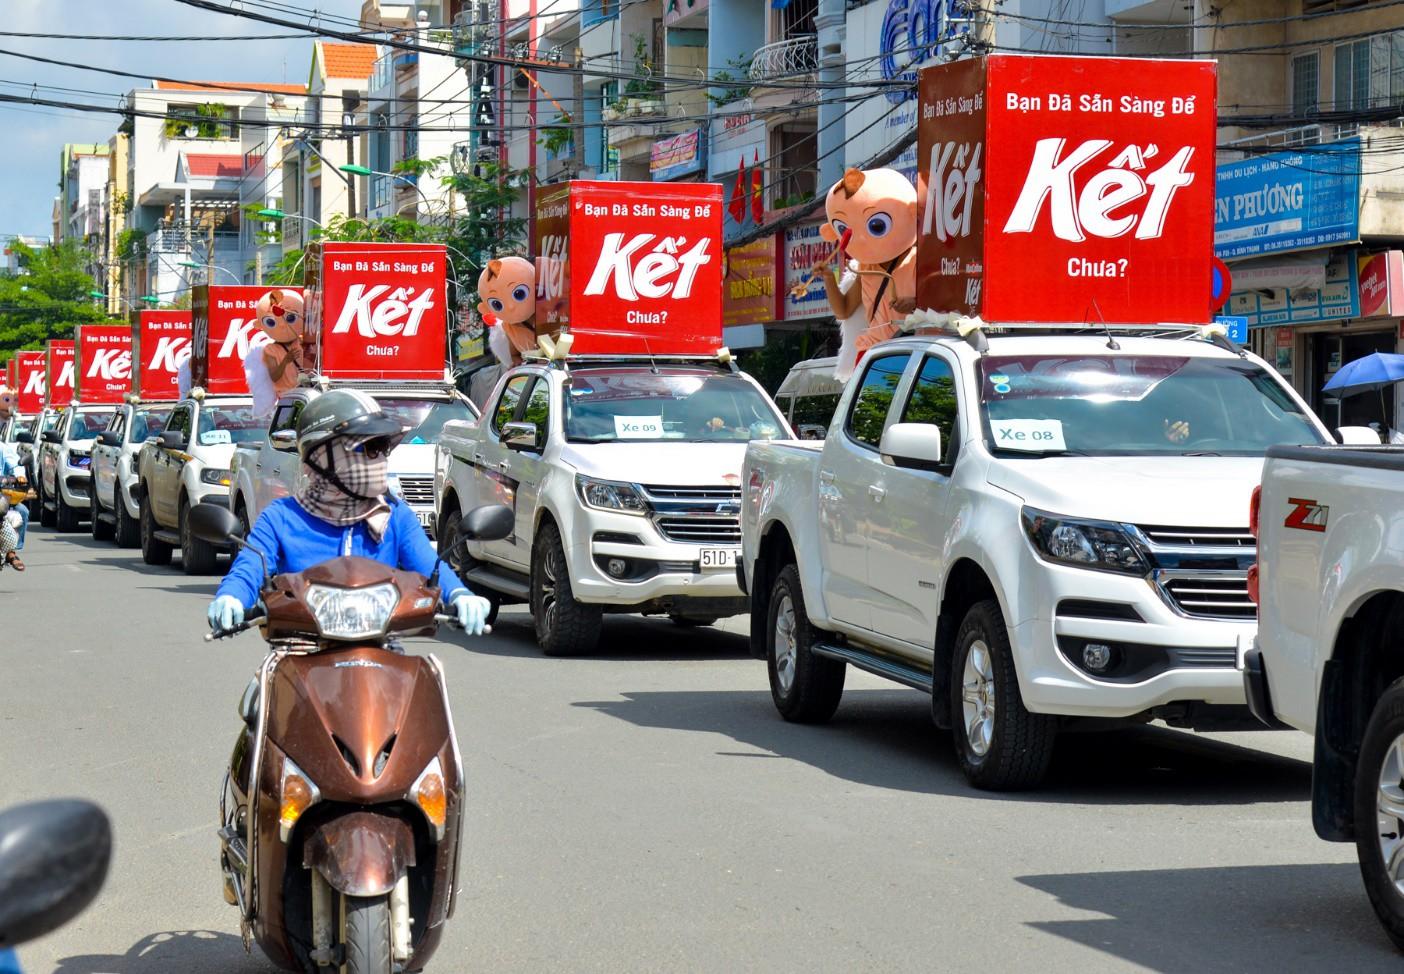 """Người Sài Gòn thích thú với dàn thần tình yêu đi """"xế siêu ngầu"""" vòng quanh thành phố - Ảnh 3."""